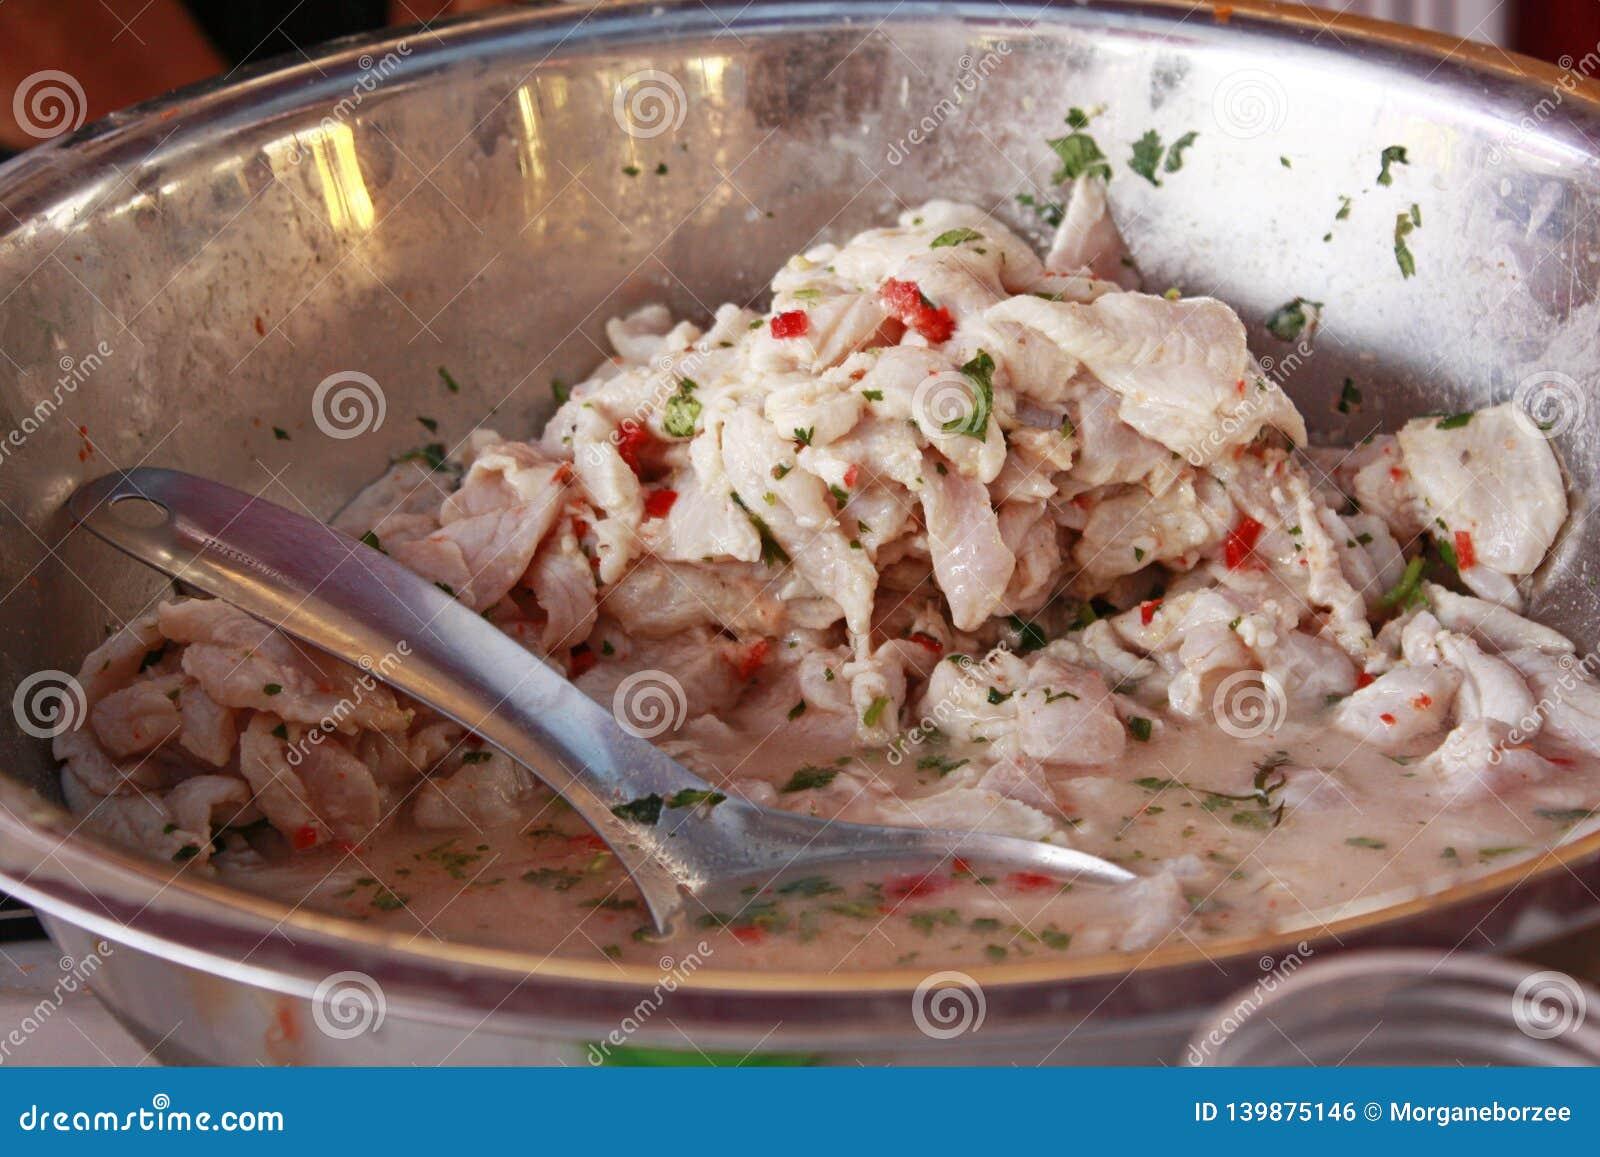 Preparando o ceviche, prato peruano tradicional do marisco